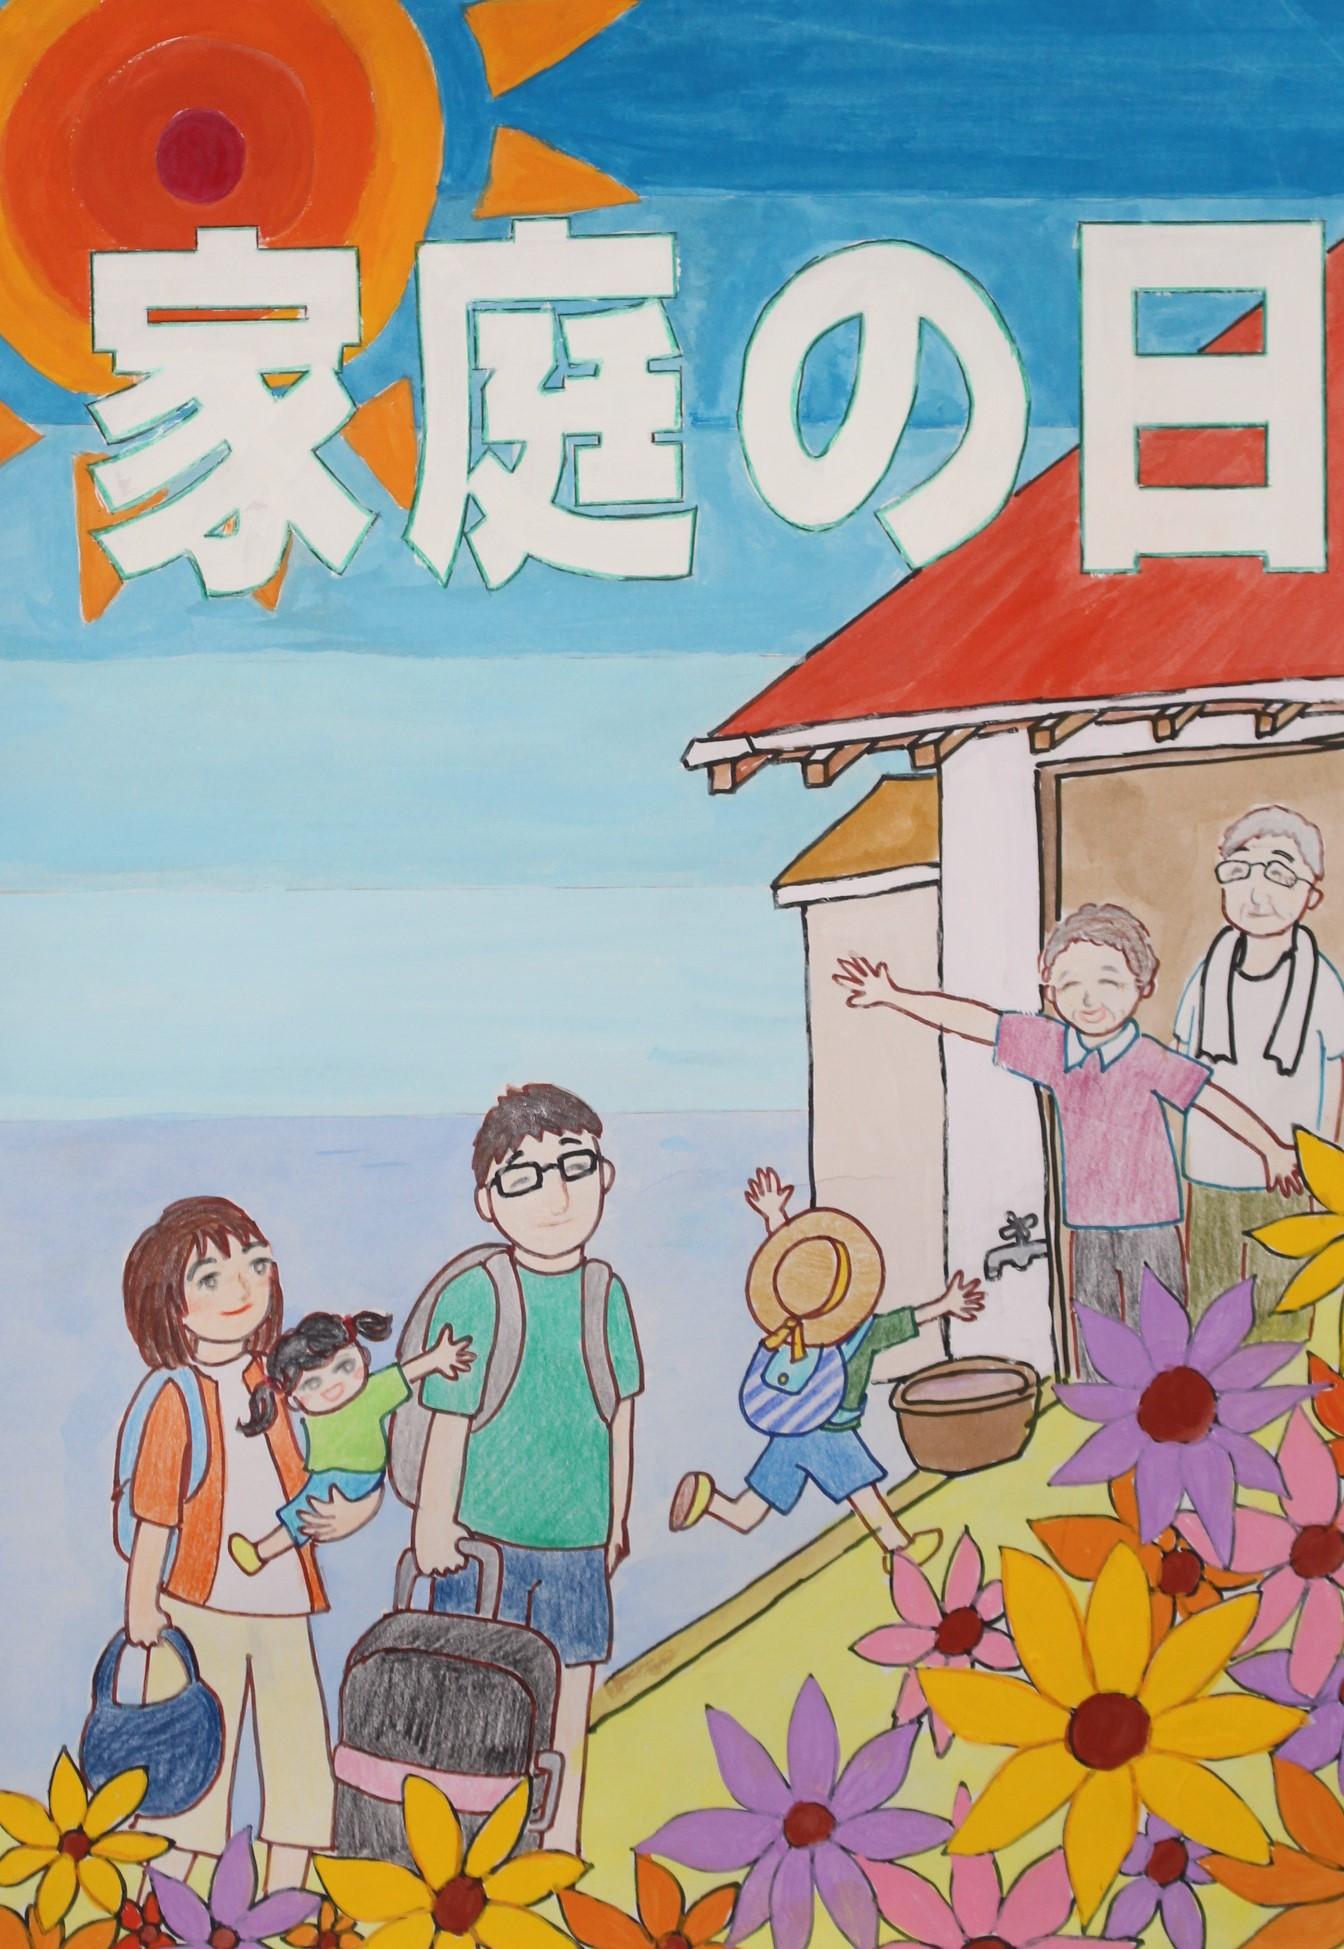 優良賞-日南市立飫肥中学校1年日髙絢音(ひだか あやね)さん